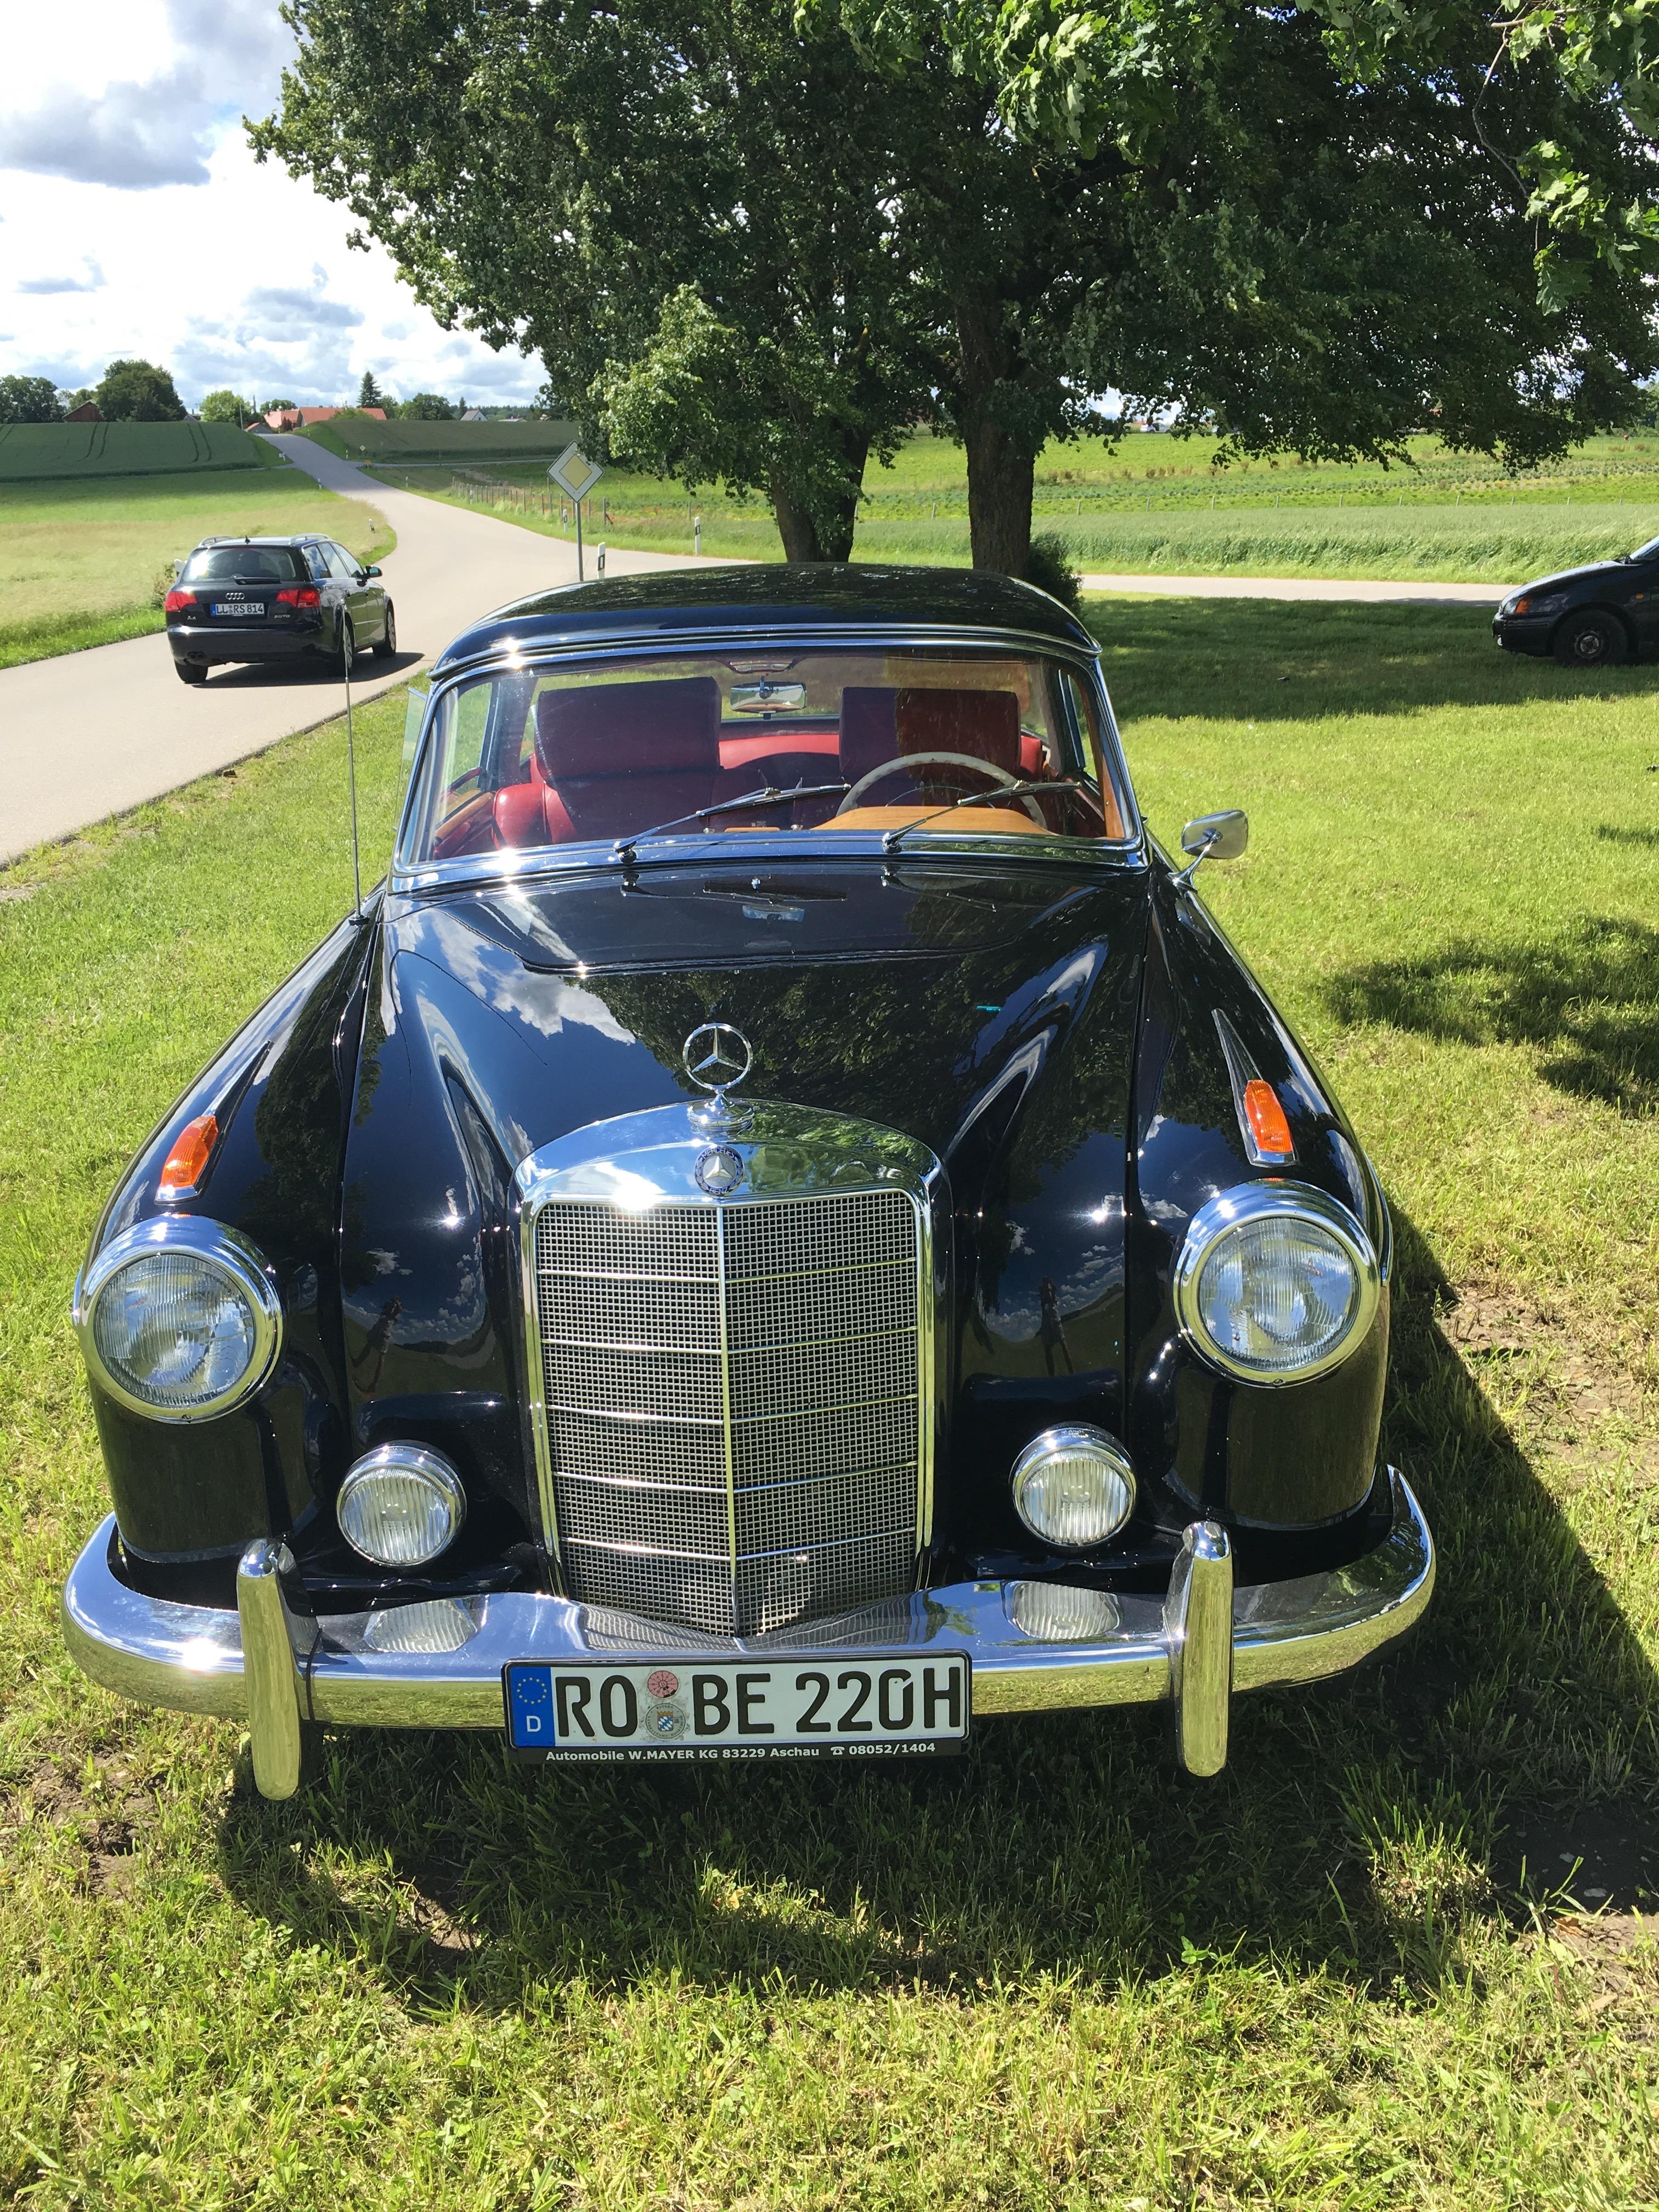 Active Oldtimer George Gluch Mercedes Benz 220 S Ponton Coupe mieten und selber fahren - 7